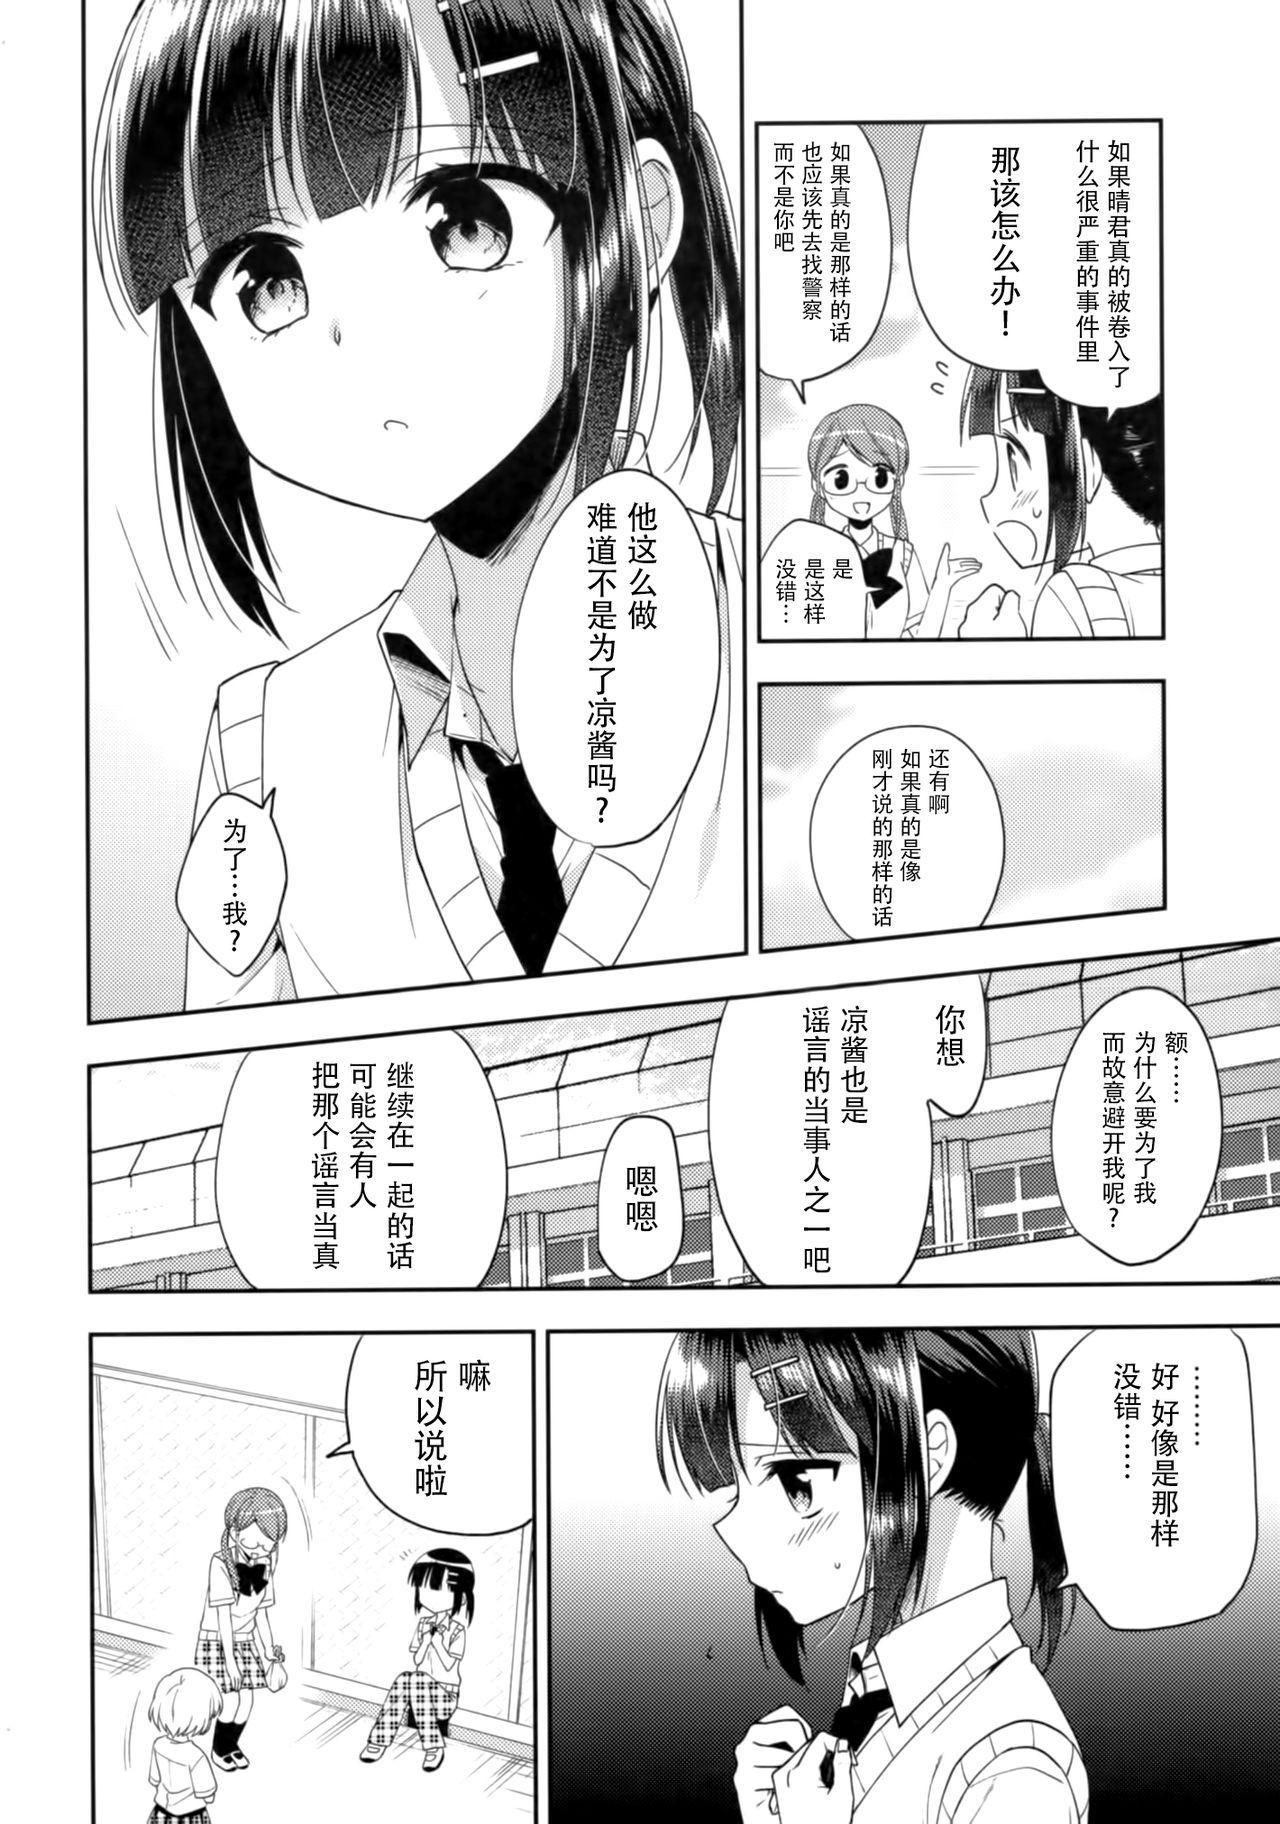 Dousei Hajimemashita 5 15